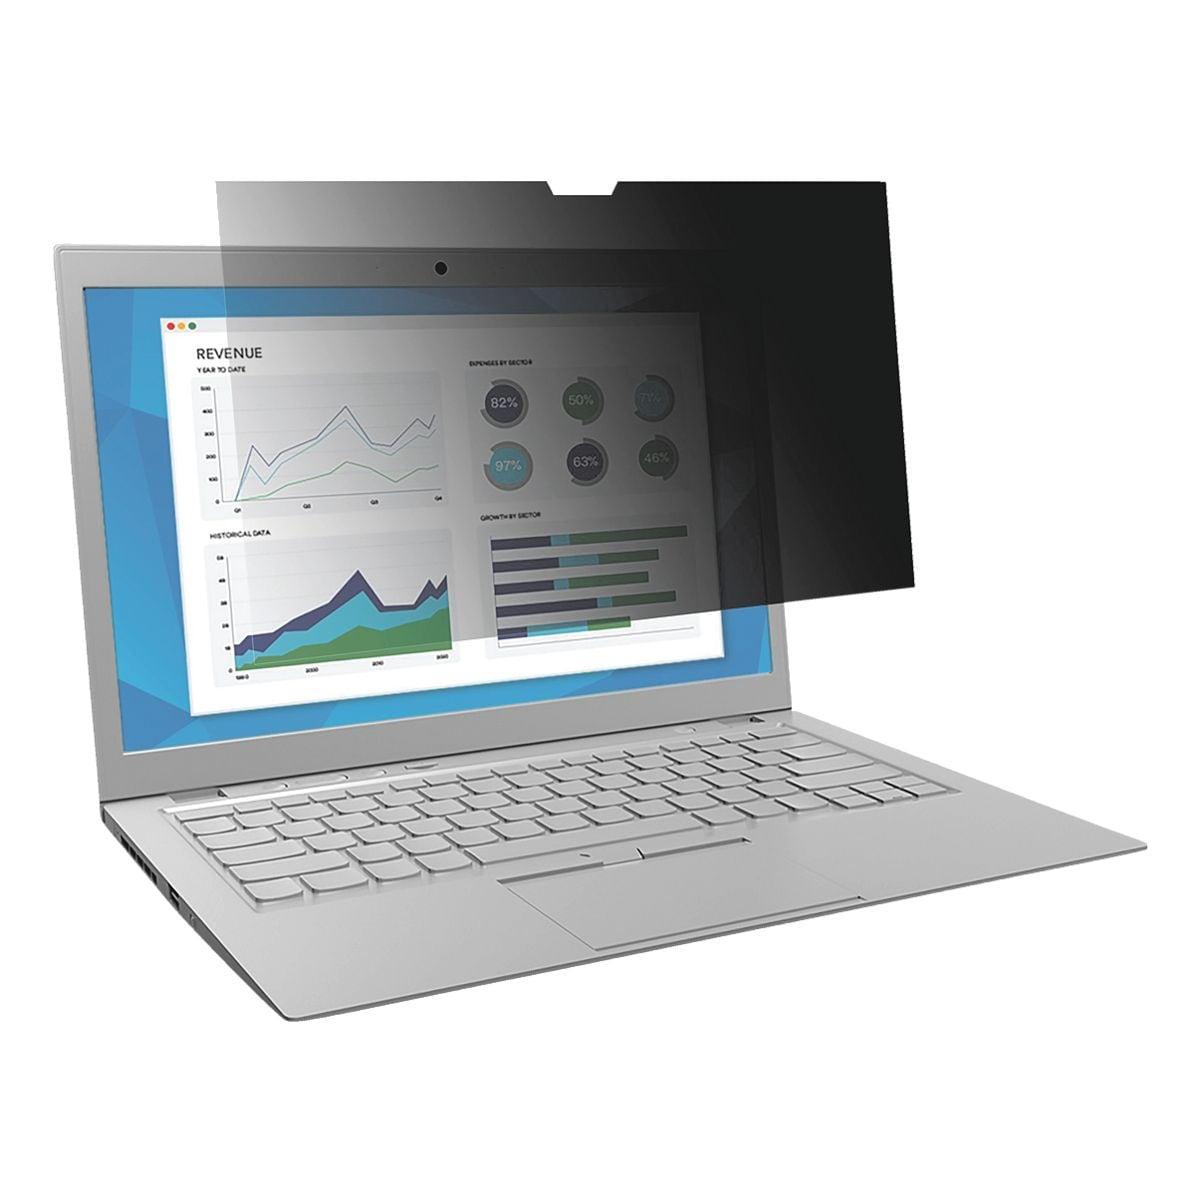 3M Filtre de confidentialité « PF156W9B » pour ordinateurs portables 15,6 pouces (16:9)